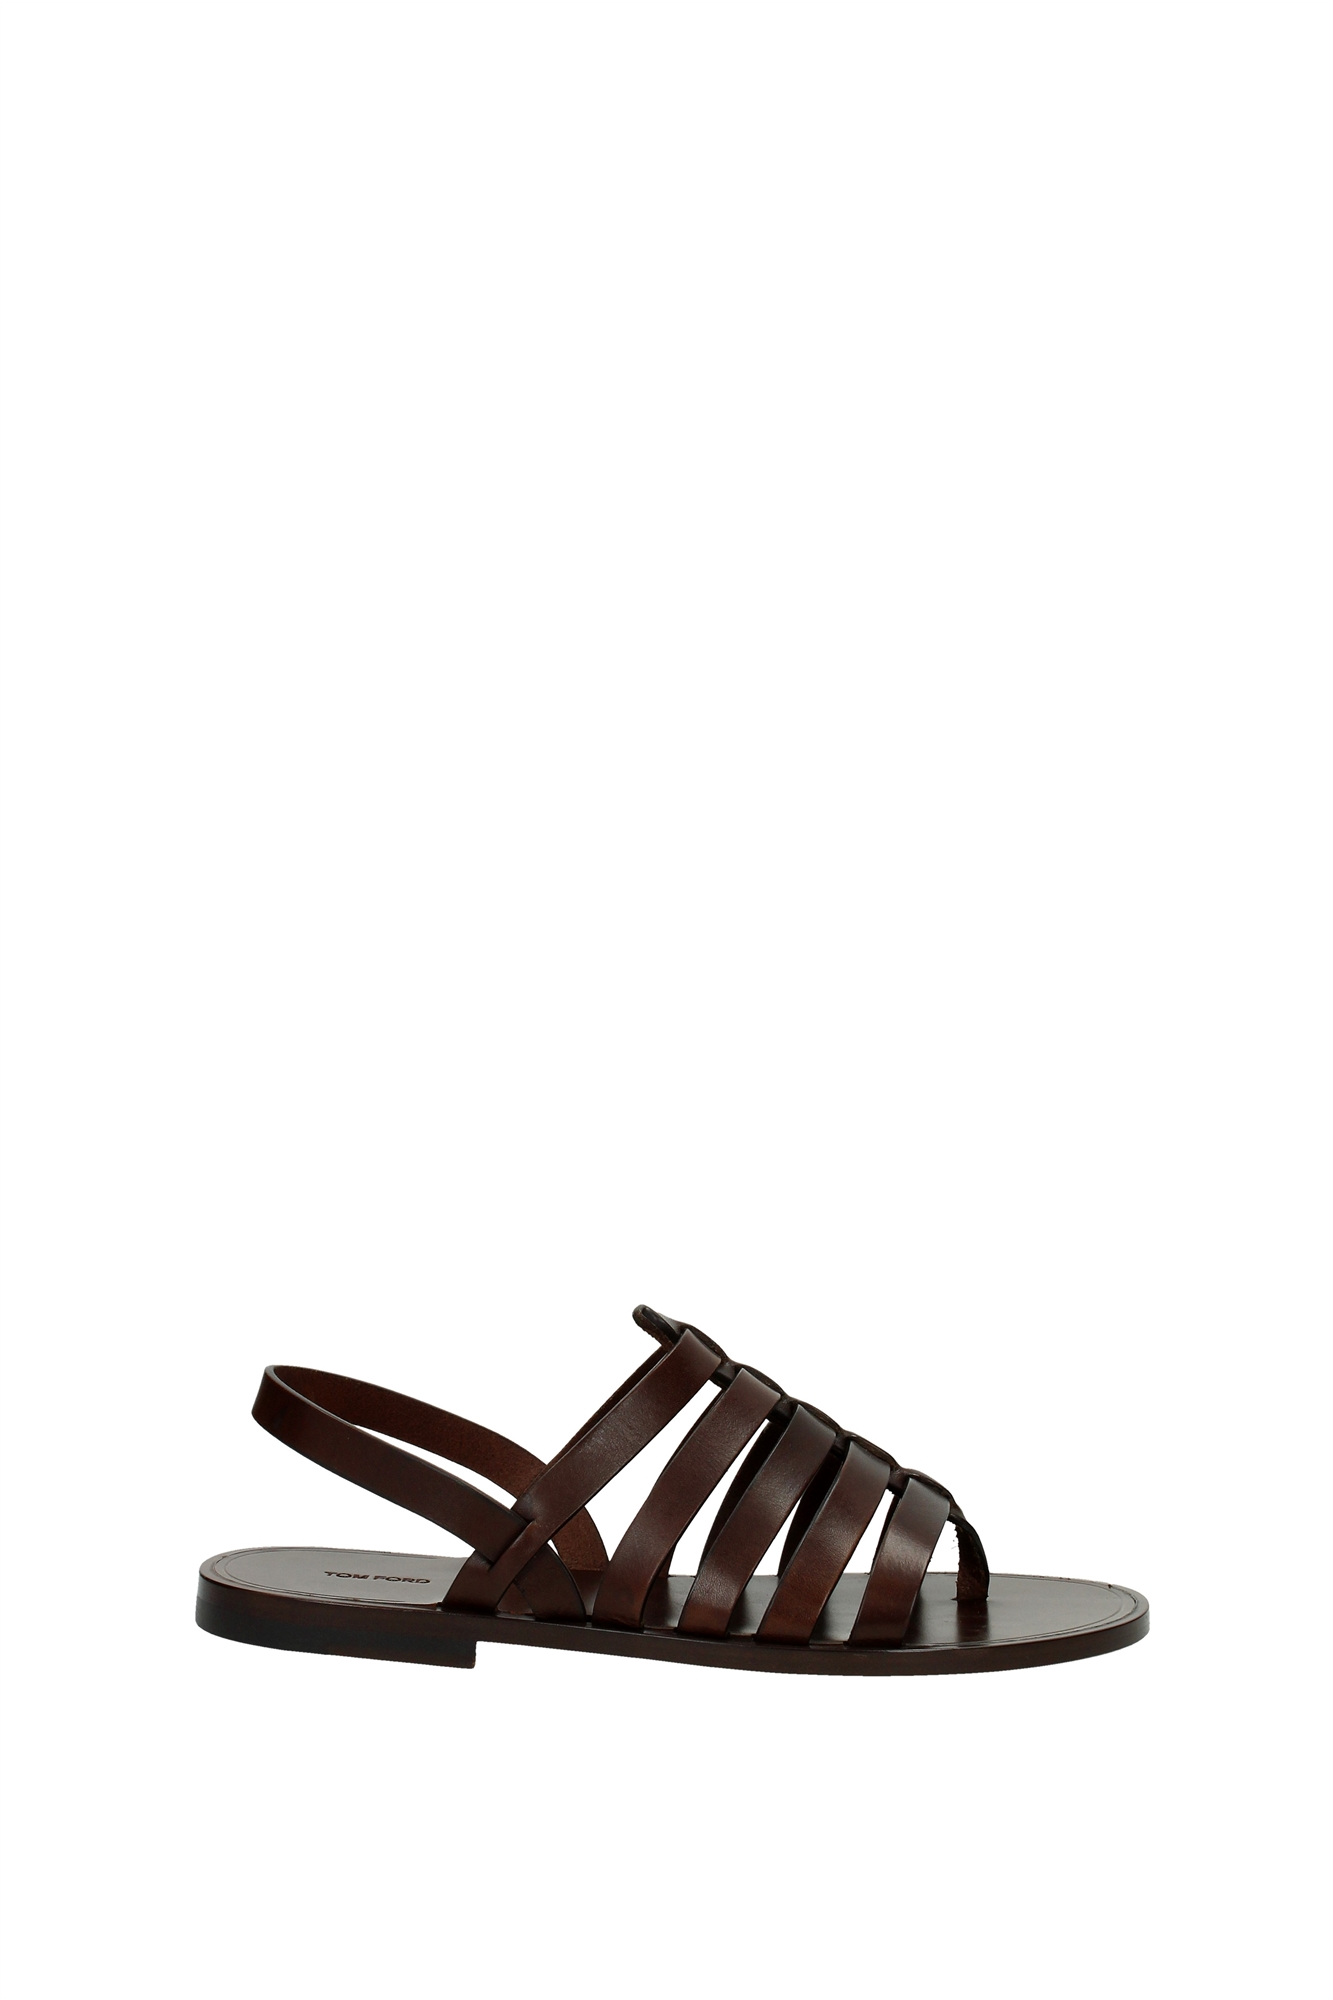 Sandali e scarpe per il mare da uomo Dianetten TOM FORD UOMO - (116 J 0962 tbomcho)